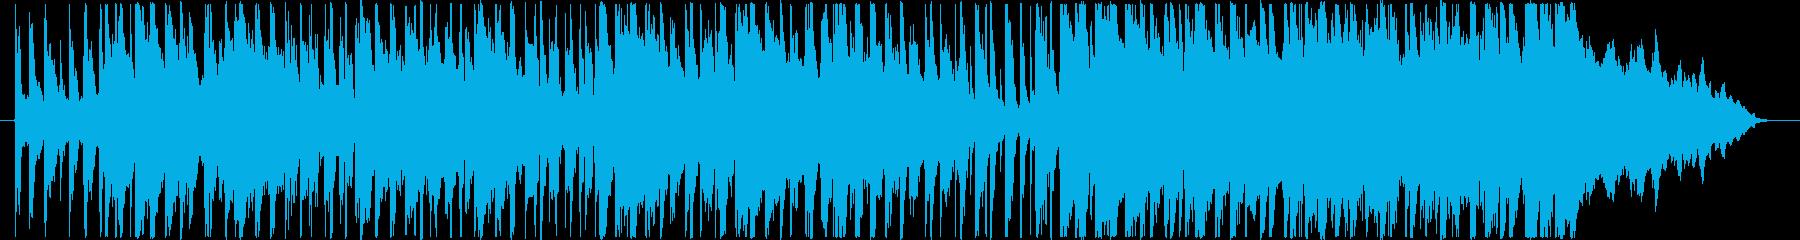 うきうき明るいモータウン曲_コーラス入りの再生済みの波形